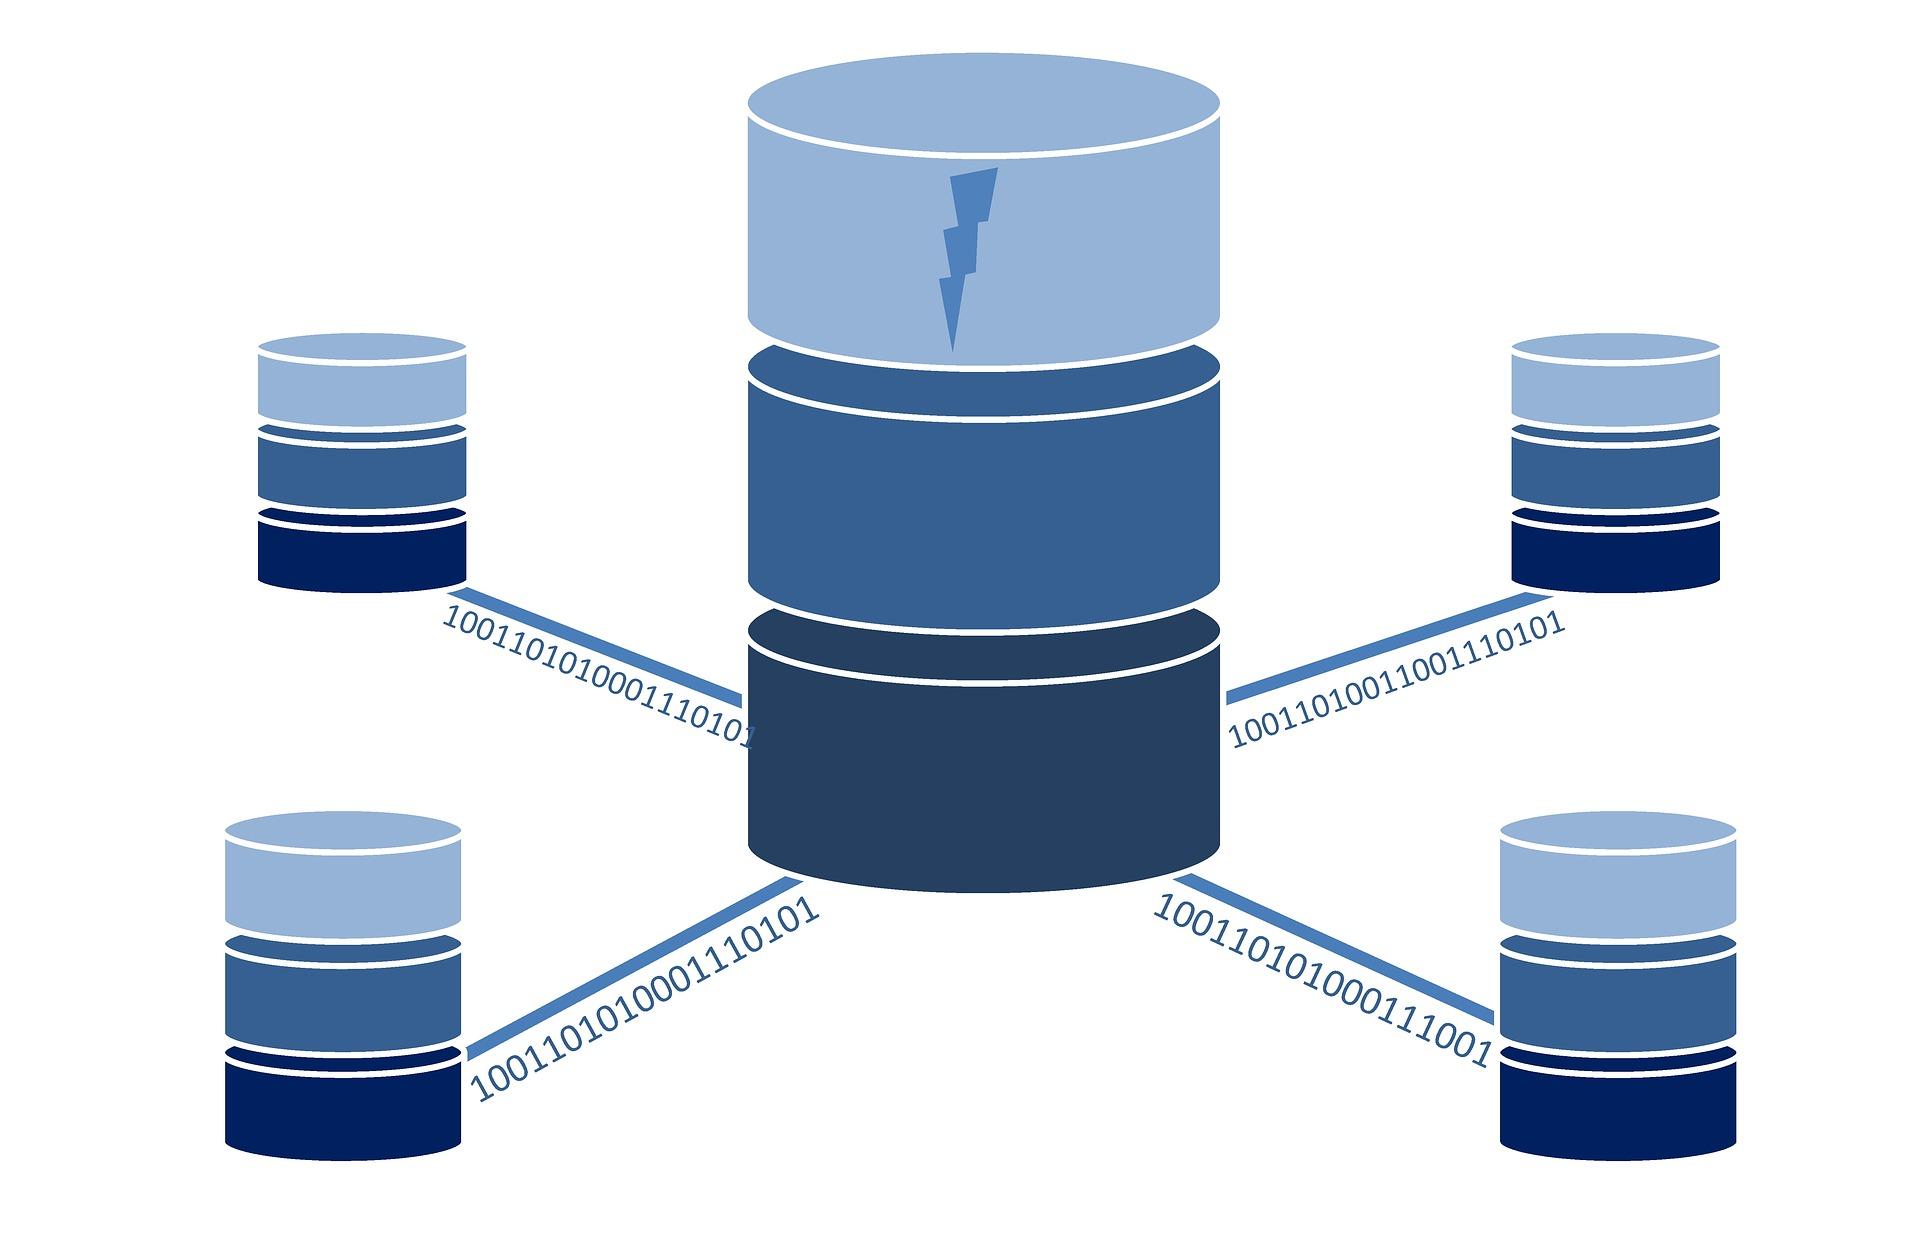 Как найти размеры базы данных в MySQL / MariaDB на сервере